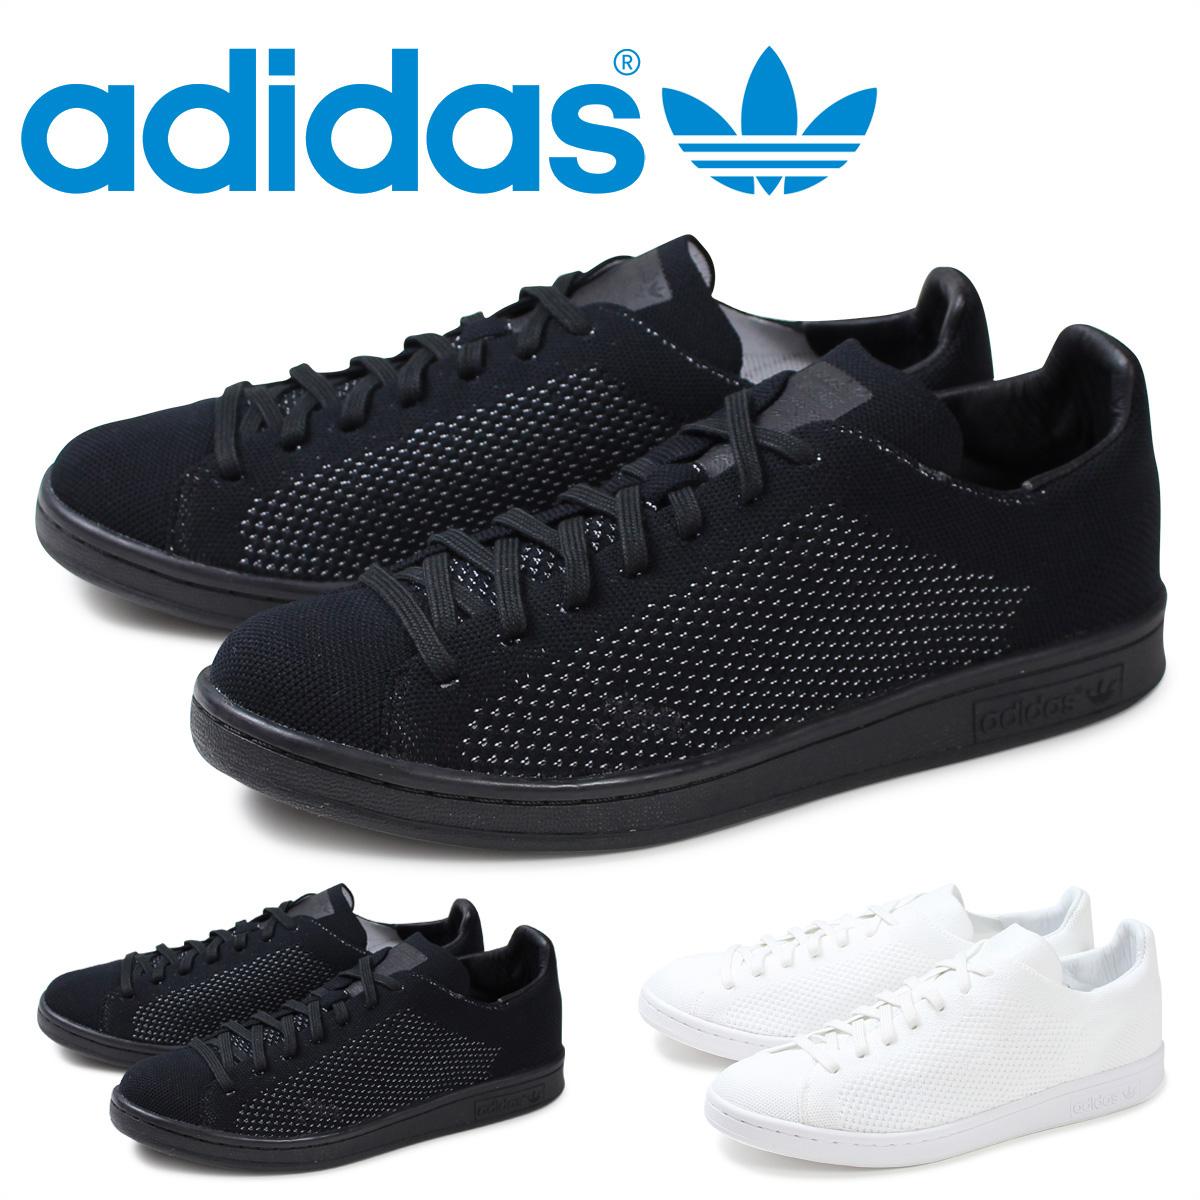 adidas Adidas Stan Smith sneakers STAN SMITH PRIMEKNIT BB S80065 men shoes white black